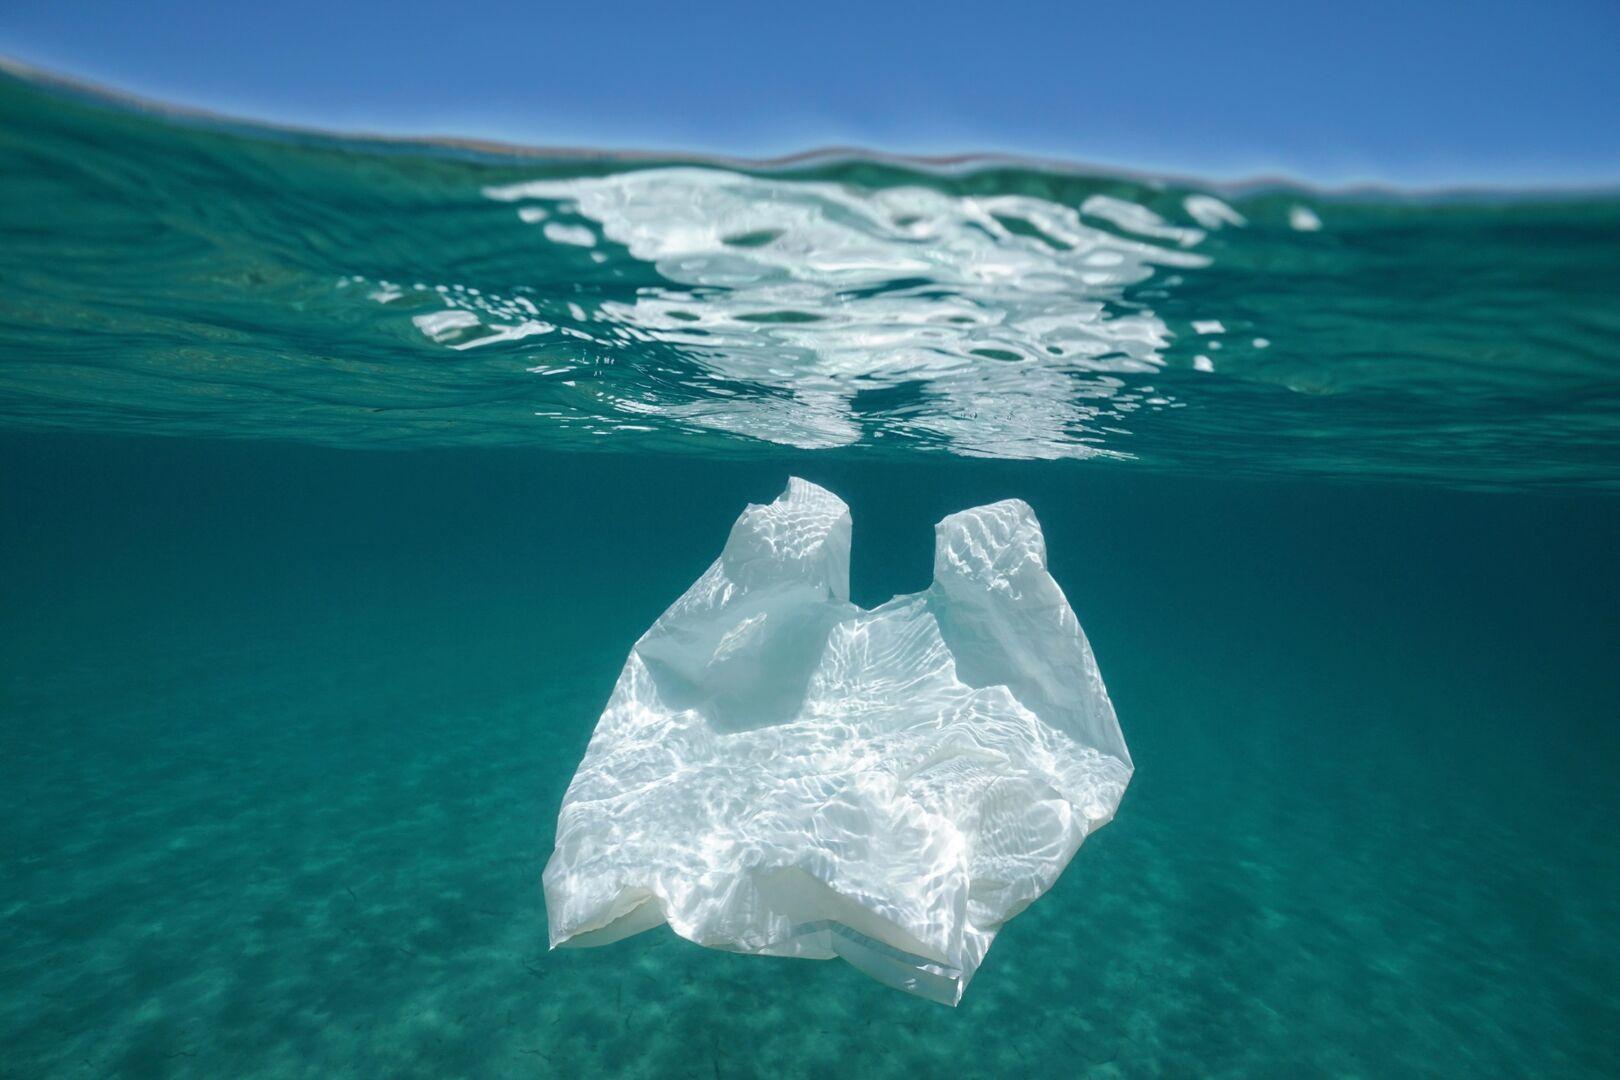 La campaña alarmista de Equo olvida que el 90% del plástico del mar viene de ríos asiáticos y africanos